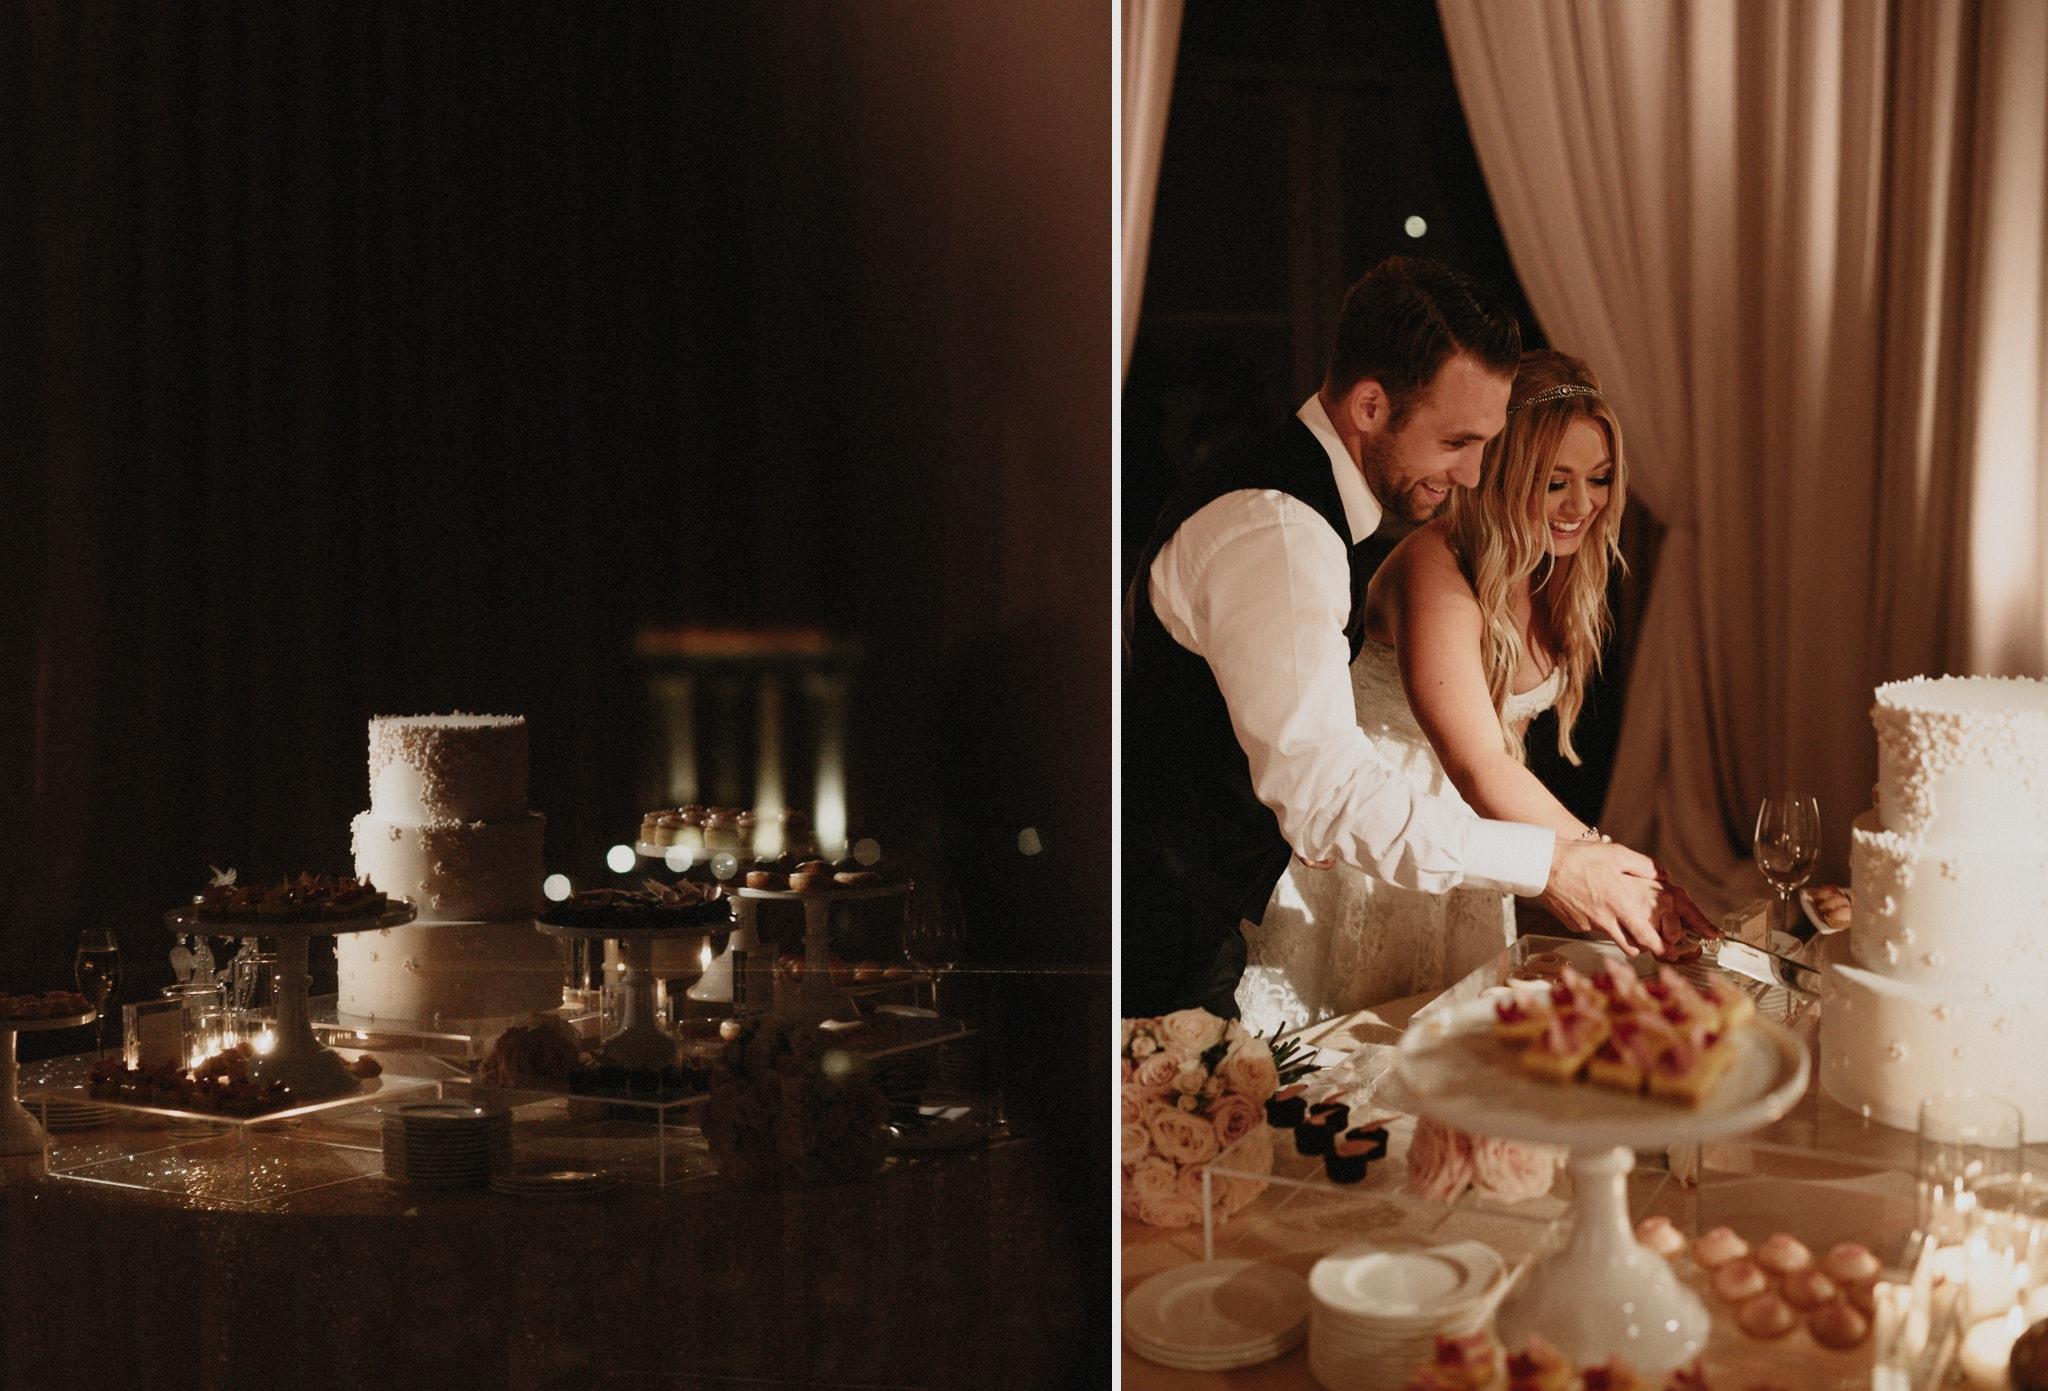 081-wedding-cake-cutting.jpg